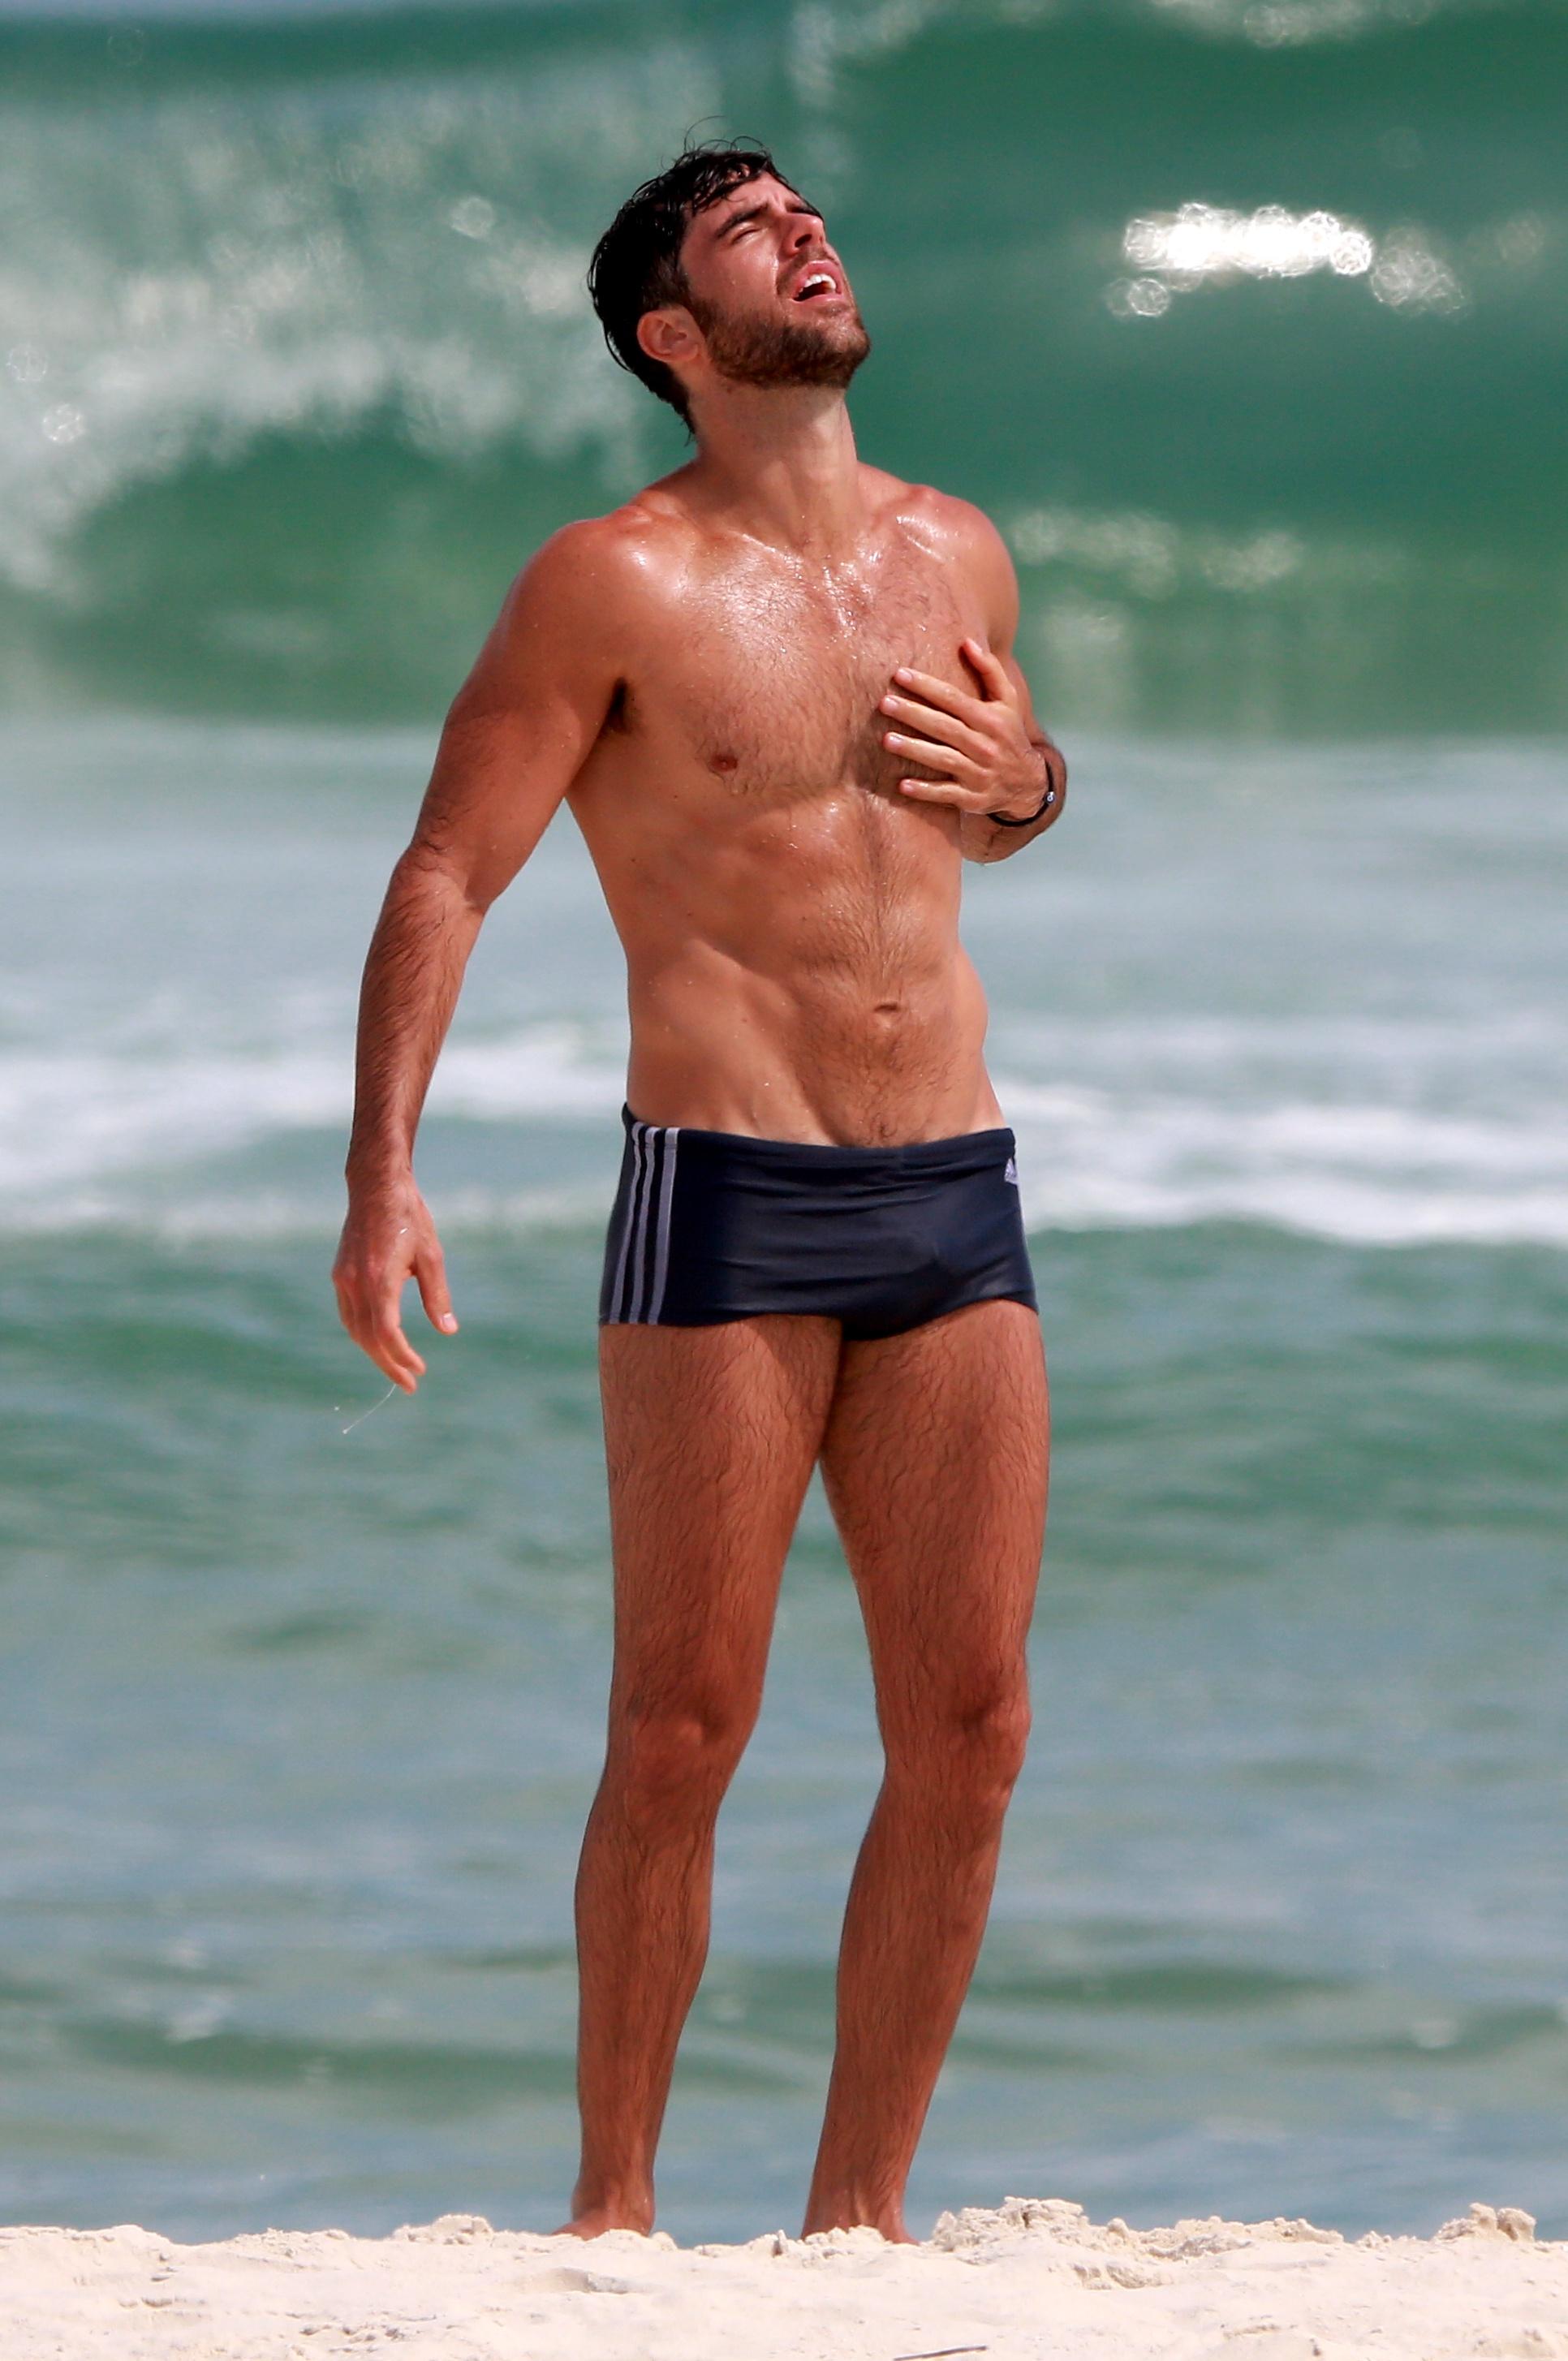 bb5787ea6 Marcos Pitombo choca internet com corpo sarado em praia do Rio ...